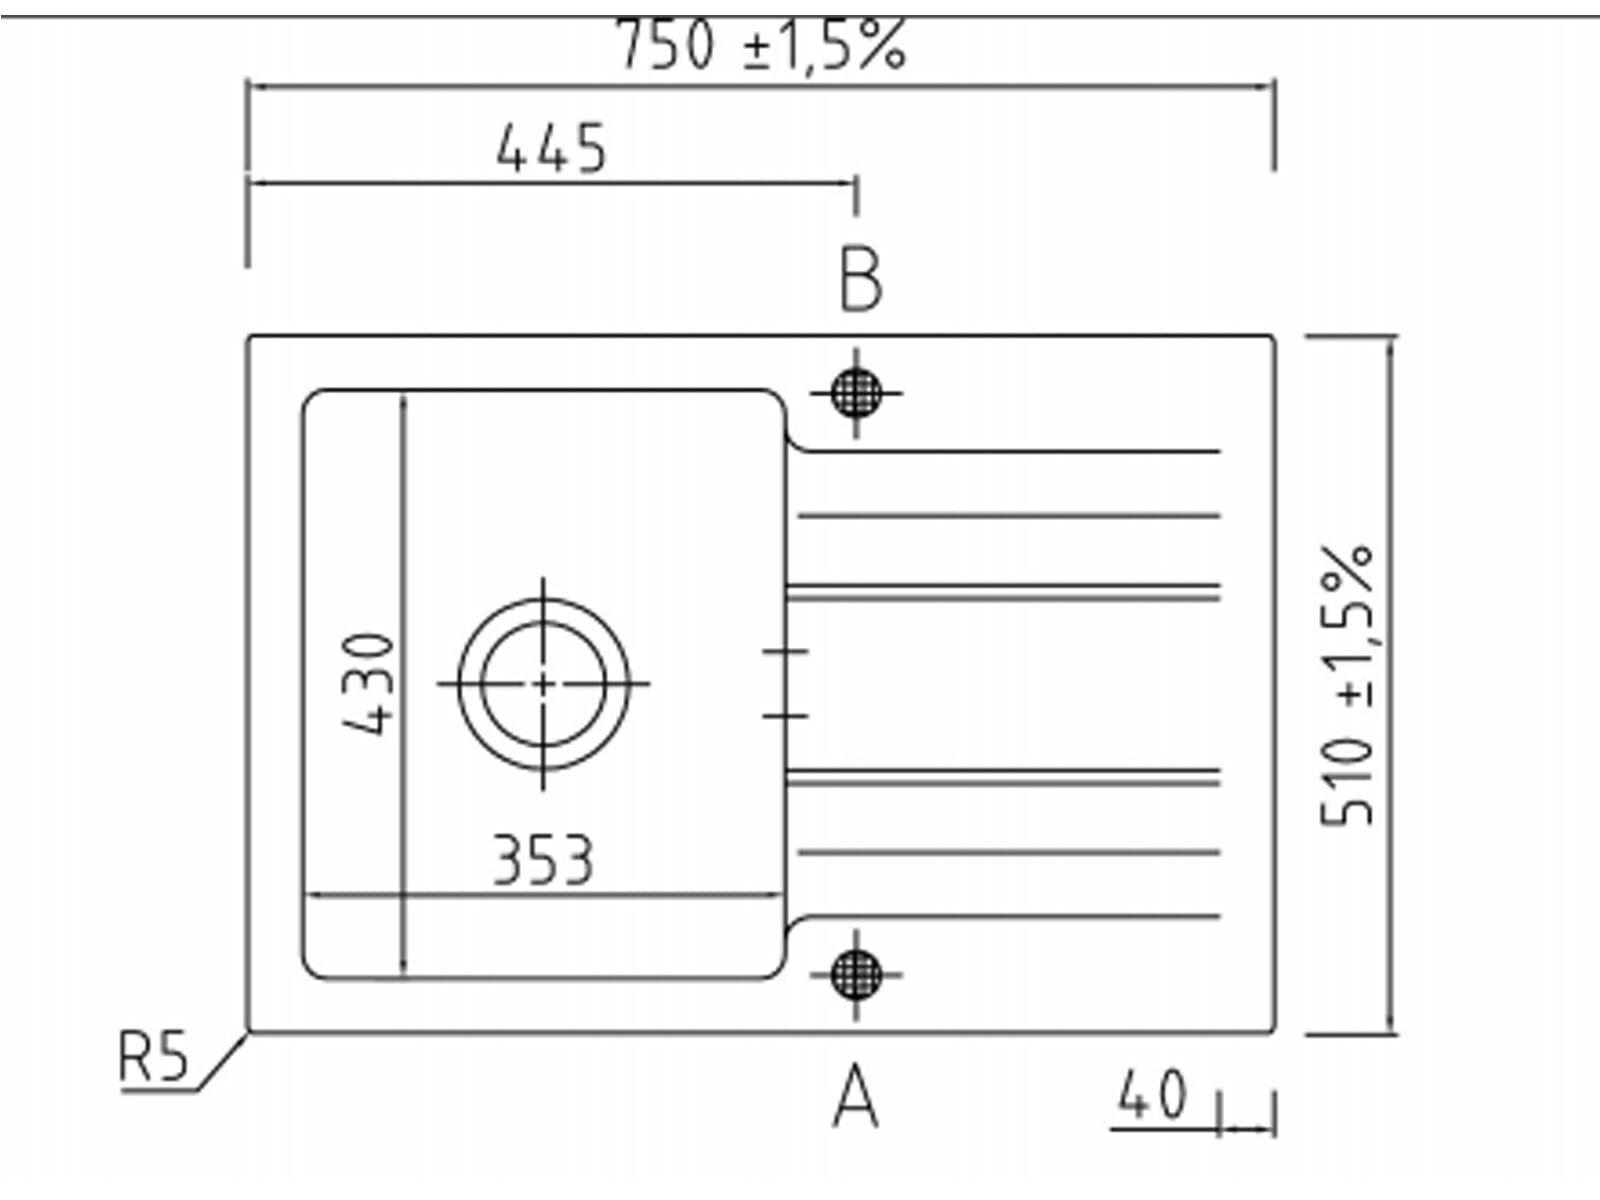 Systemceram Genea 75 Nigra Keramikspüle Handbetätigung